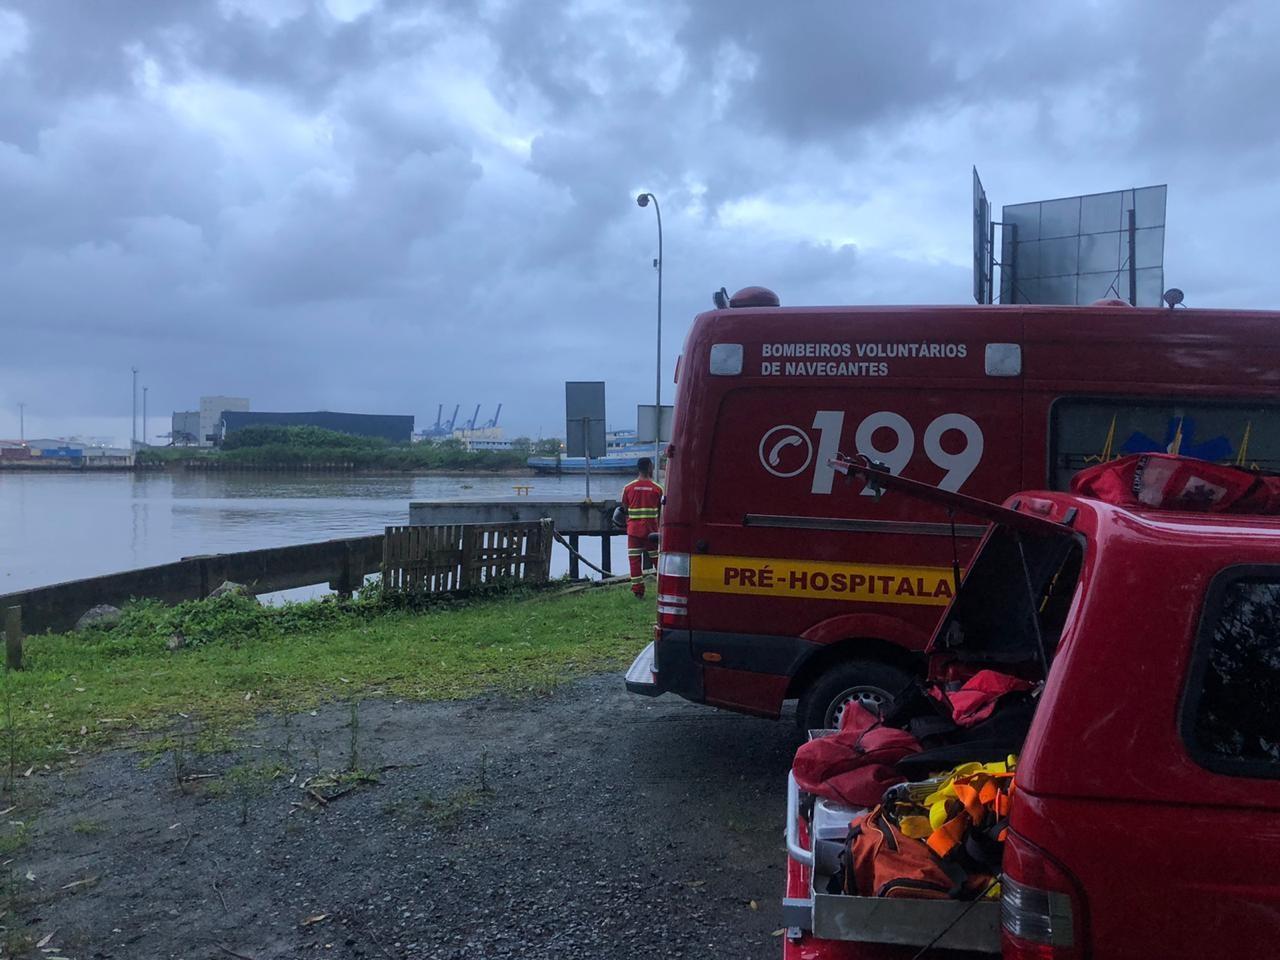 Bombeiros buscam por adolescente de 13 anos que teria se afogado no rio Itajaí-Açu, em Navegantes - Notícias - Plantão Diário